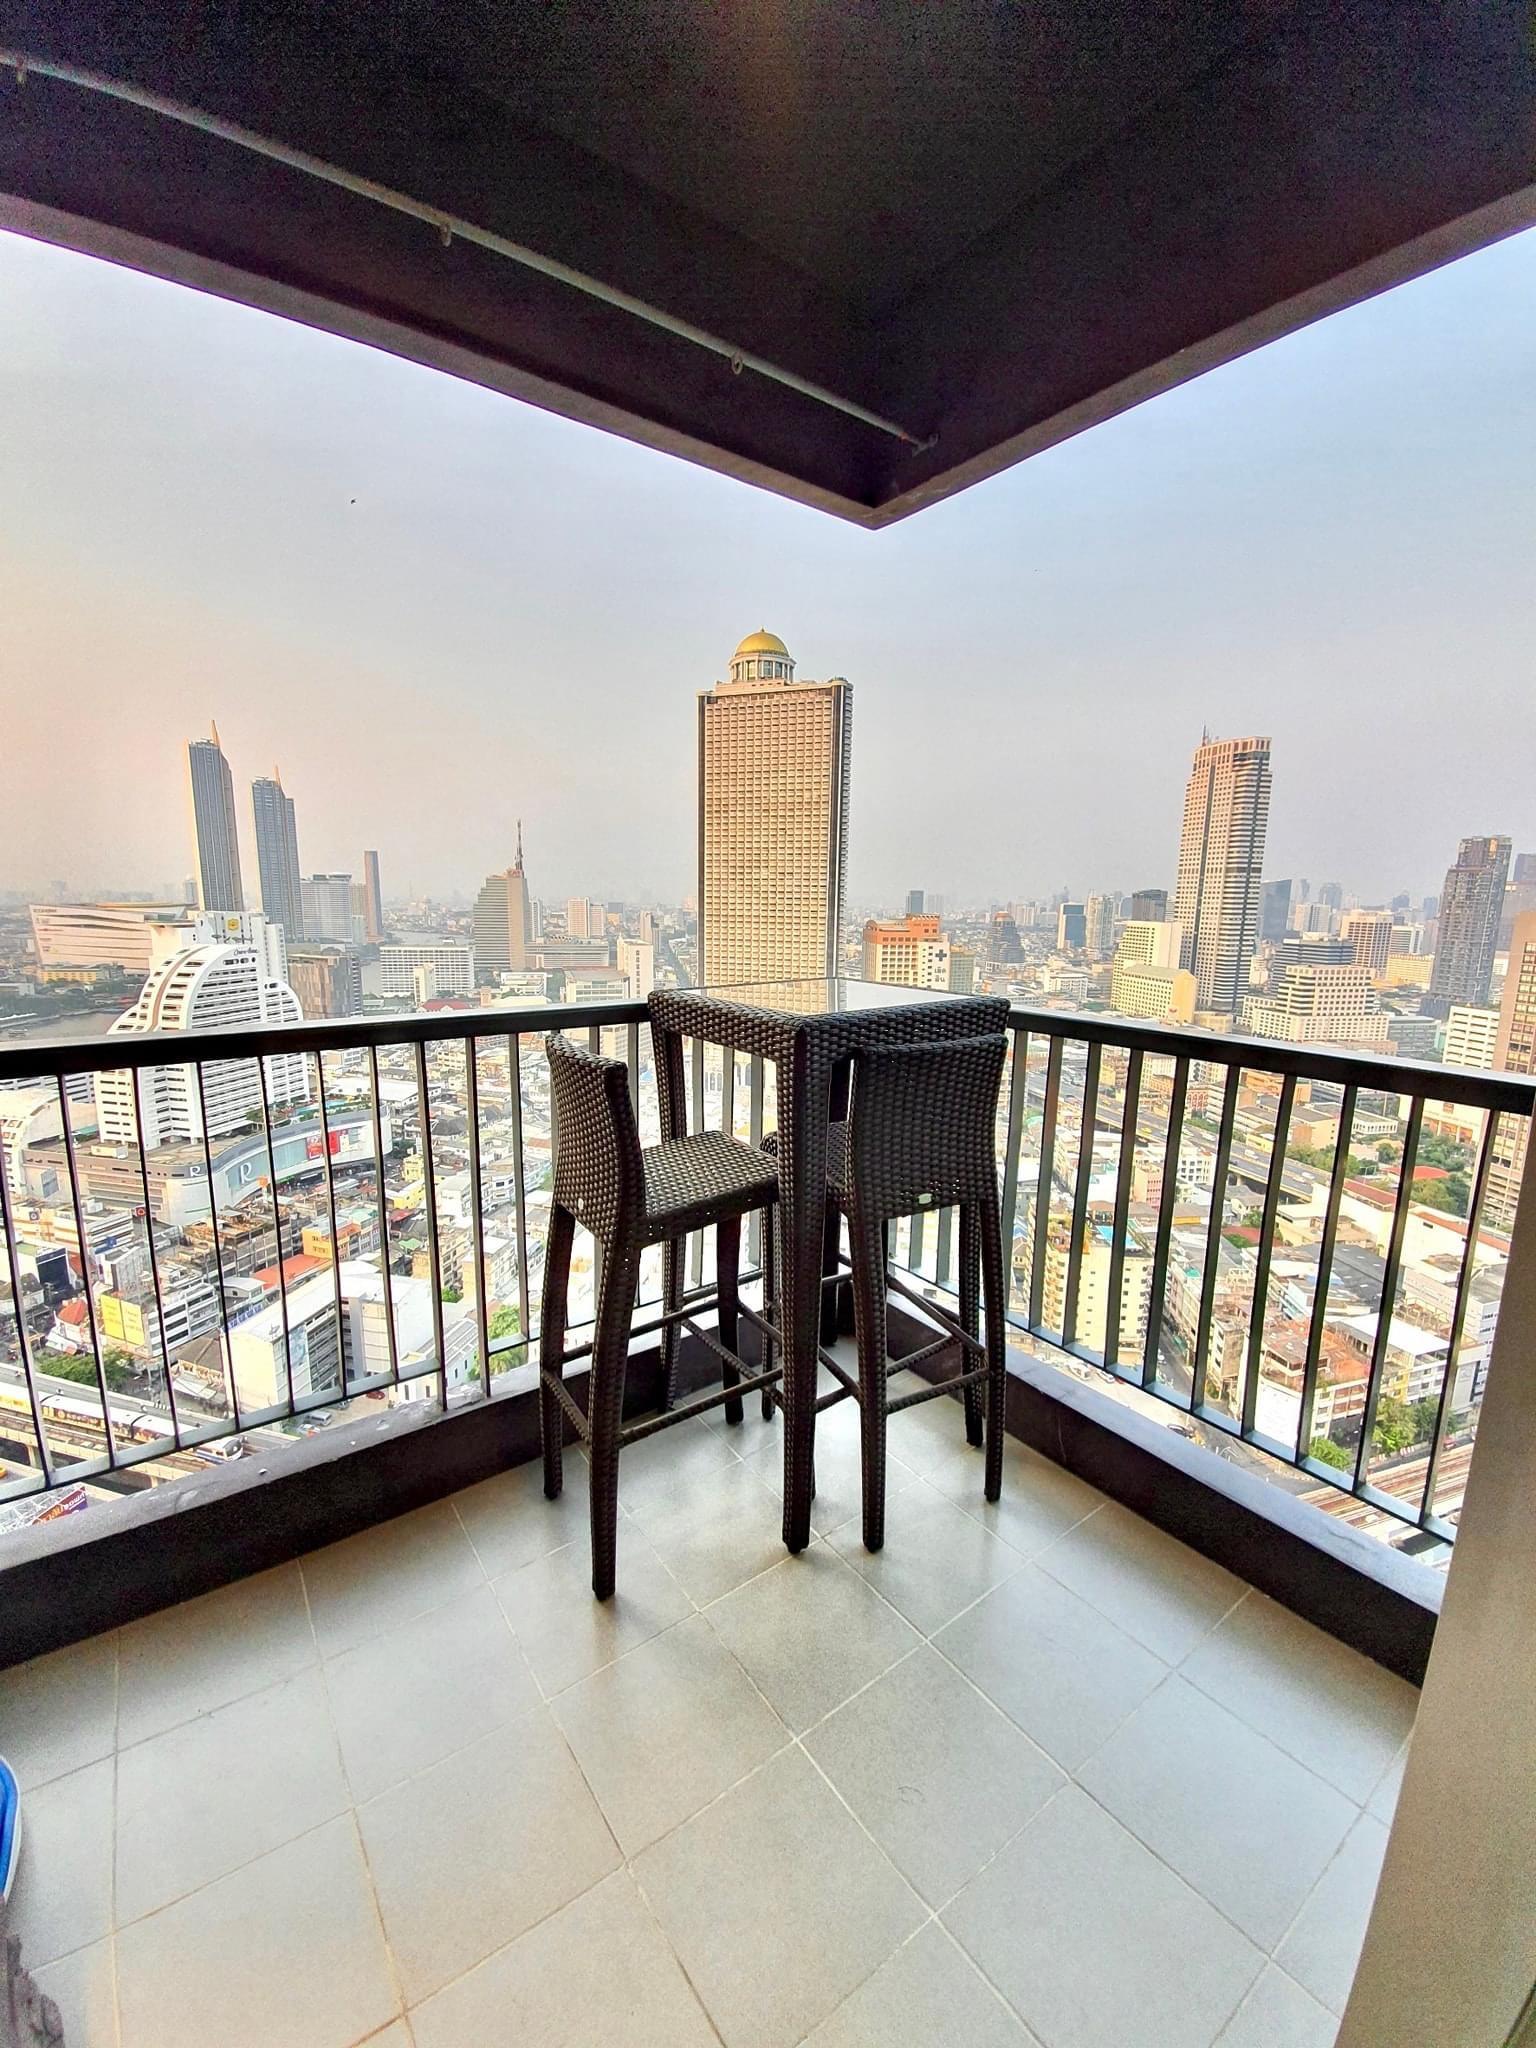 Bangkok Condo Apartment For Rent in Sathorn Surasak High Rise Condo Sathorn